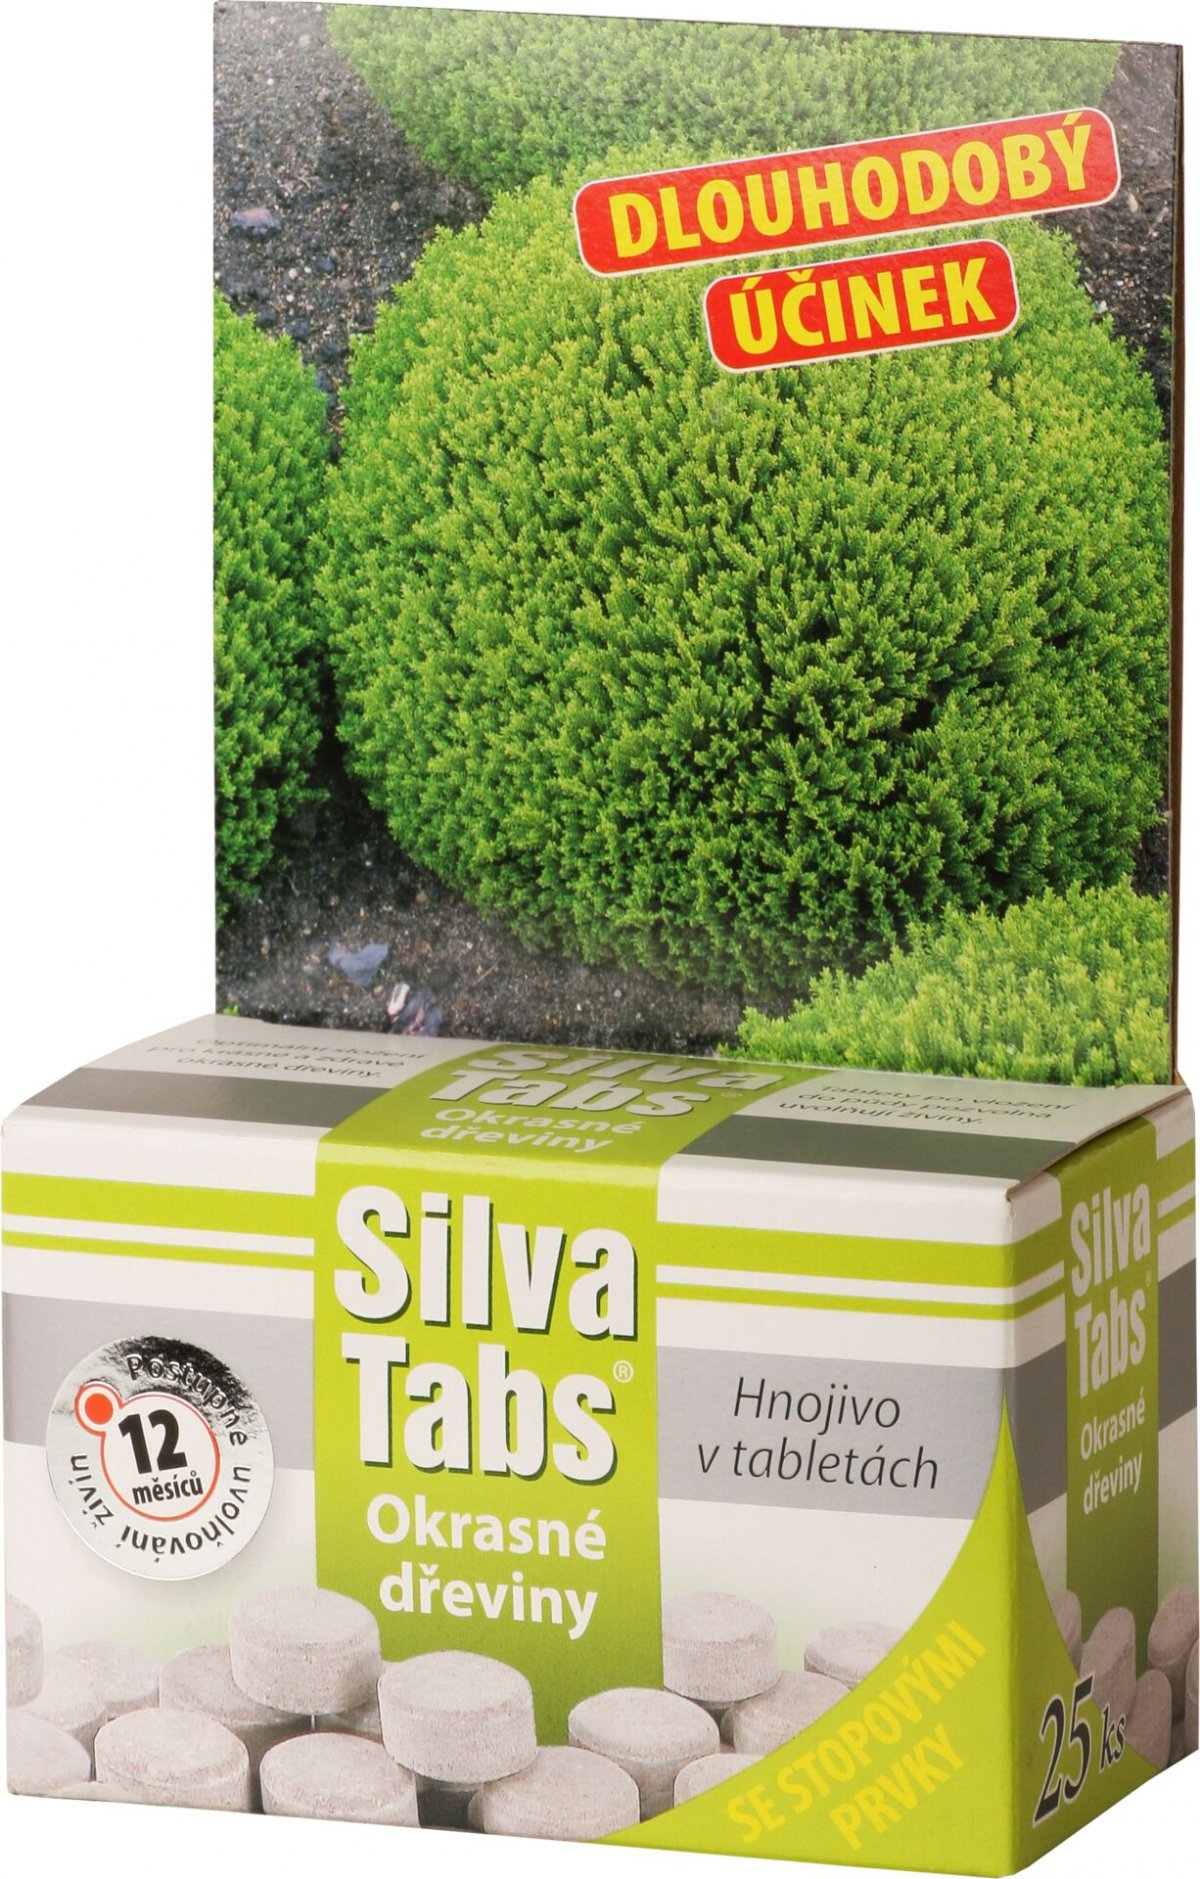 SilvaTabs - tablety na okrasné dřeviny 25 ks